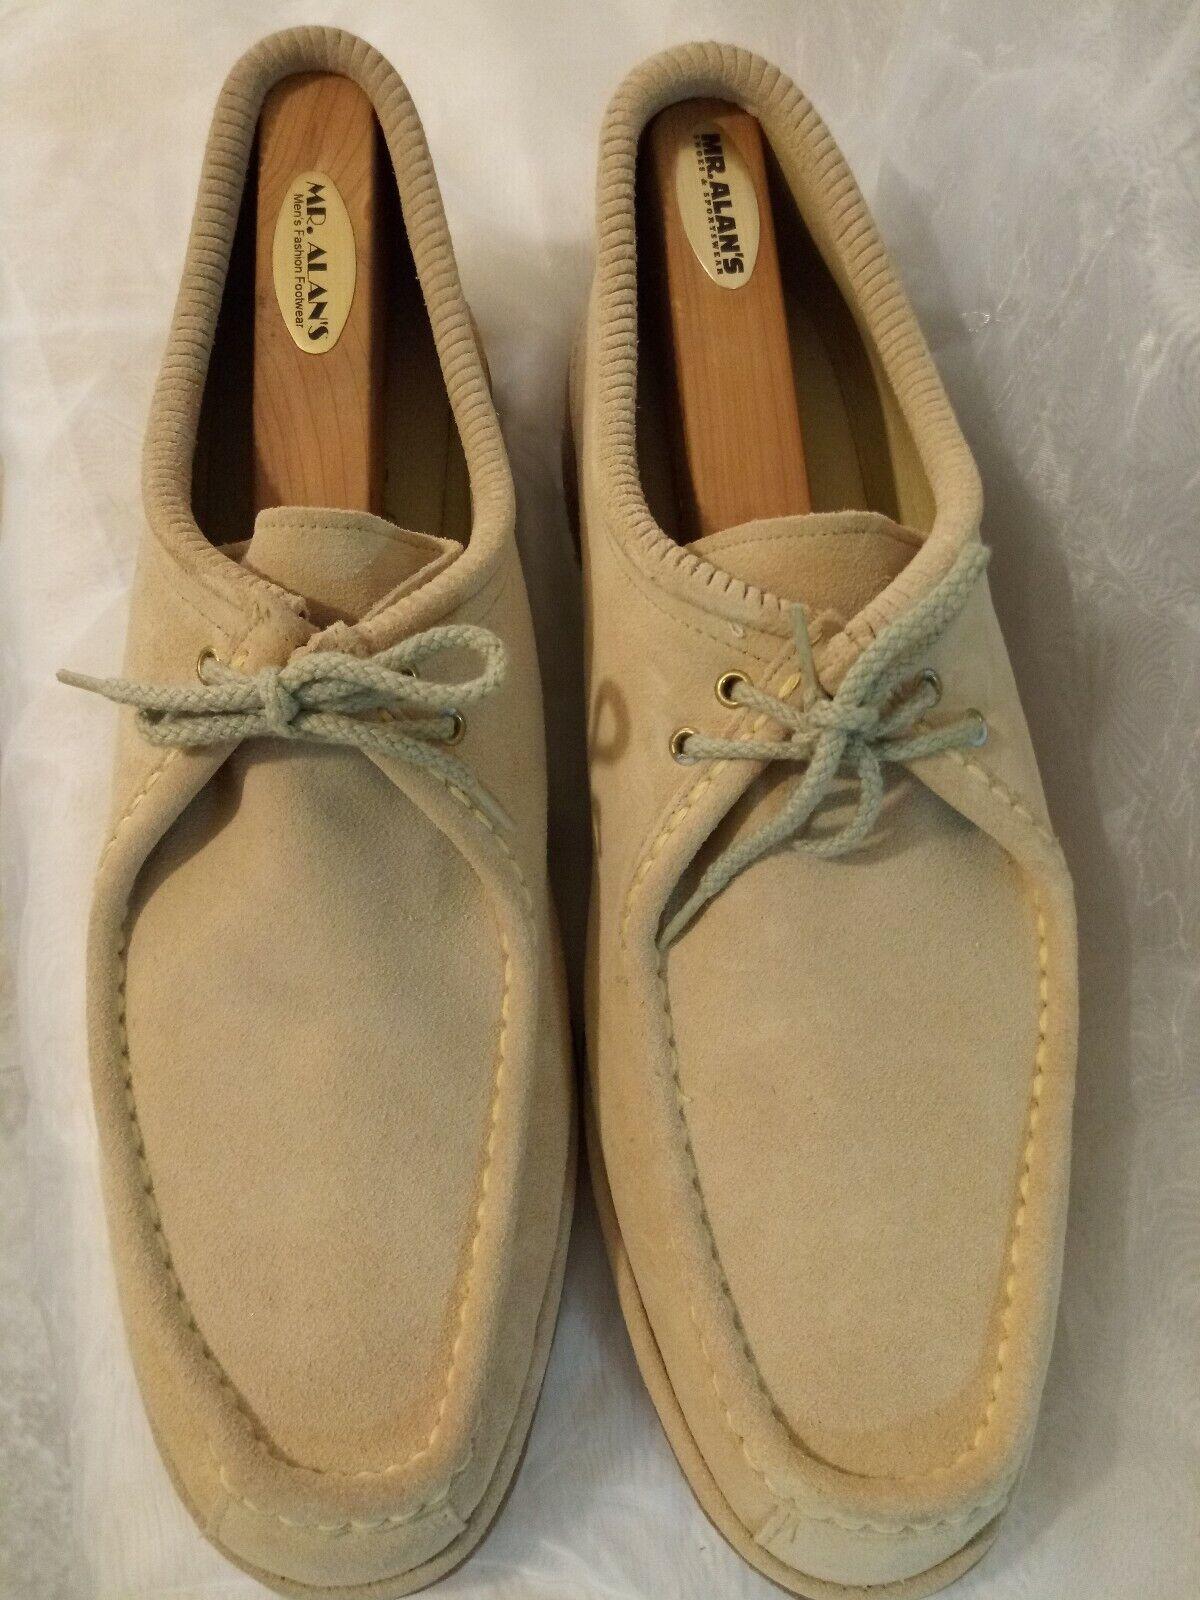 Johnston y Murphy grises, hilo de gamuza, zapatos de recreo.Deep 13.